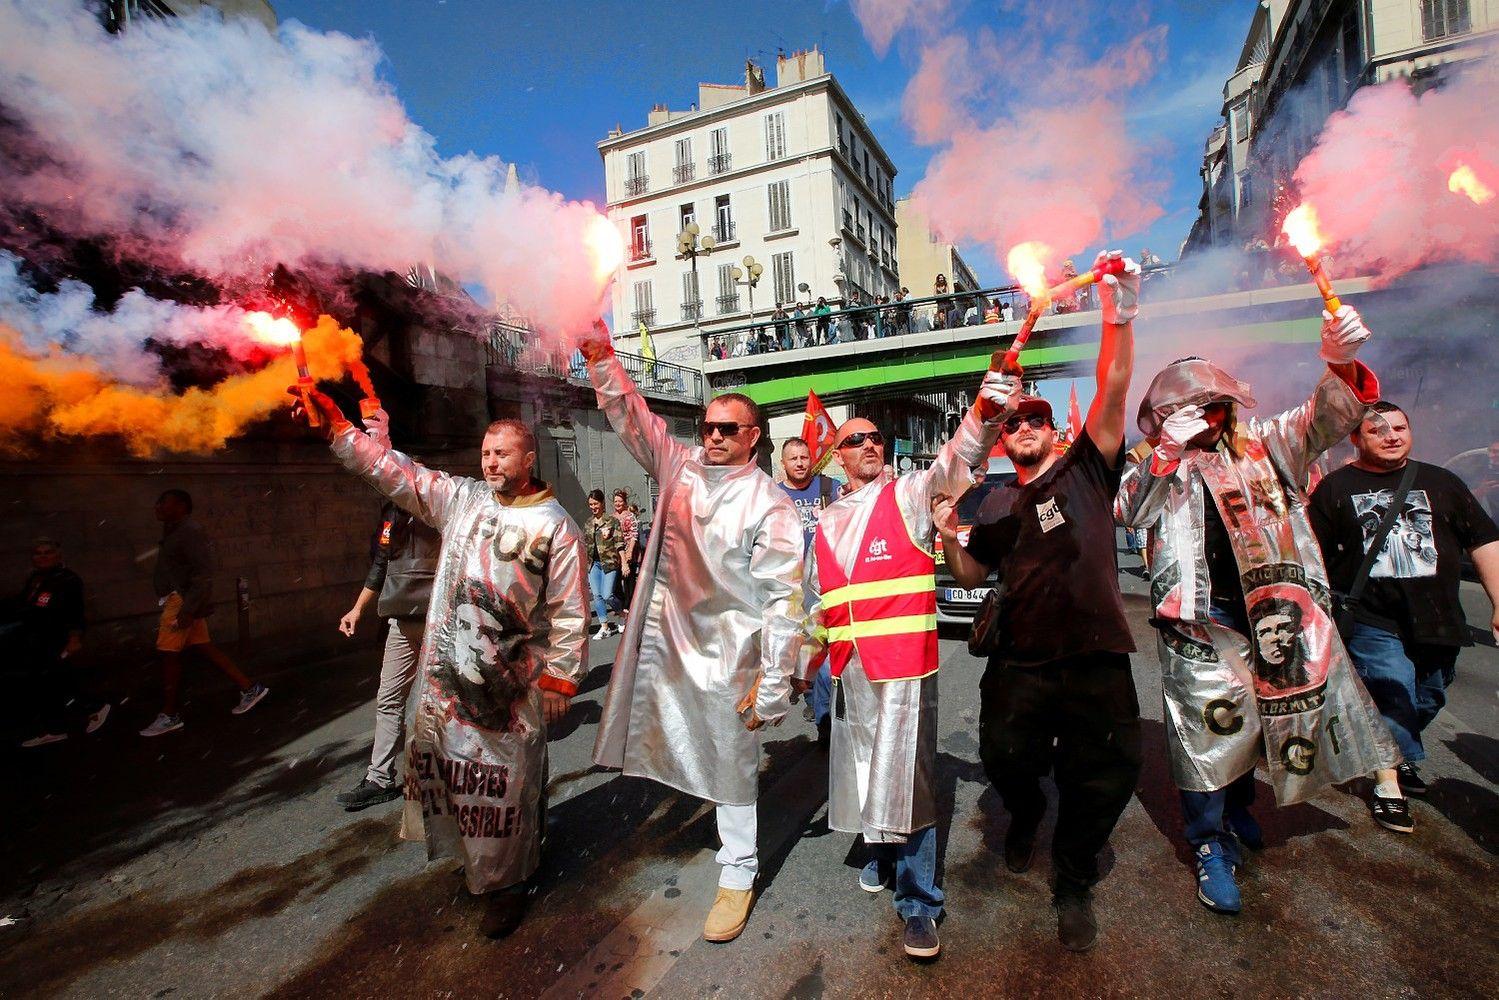 Prancūzaipradėjo protestus prieš Macrono darbo kodeksoreformas